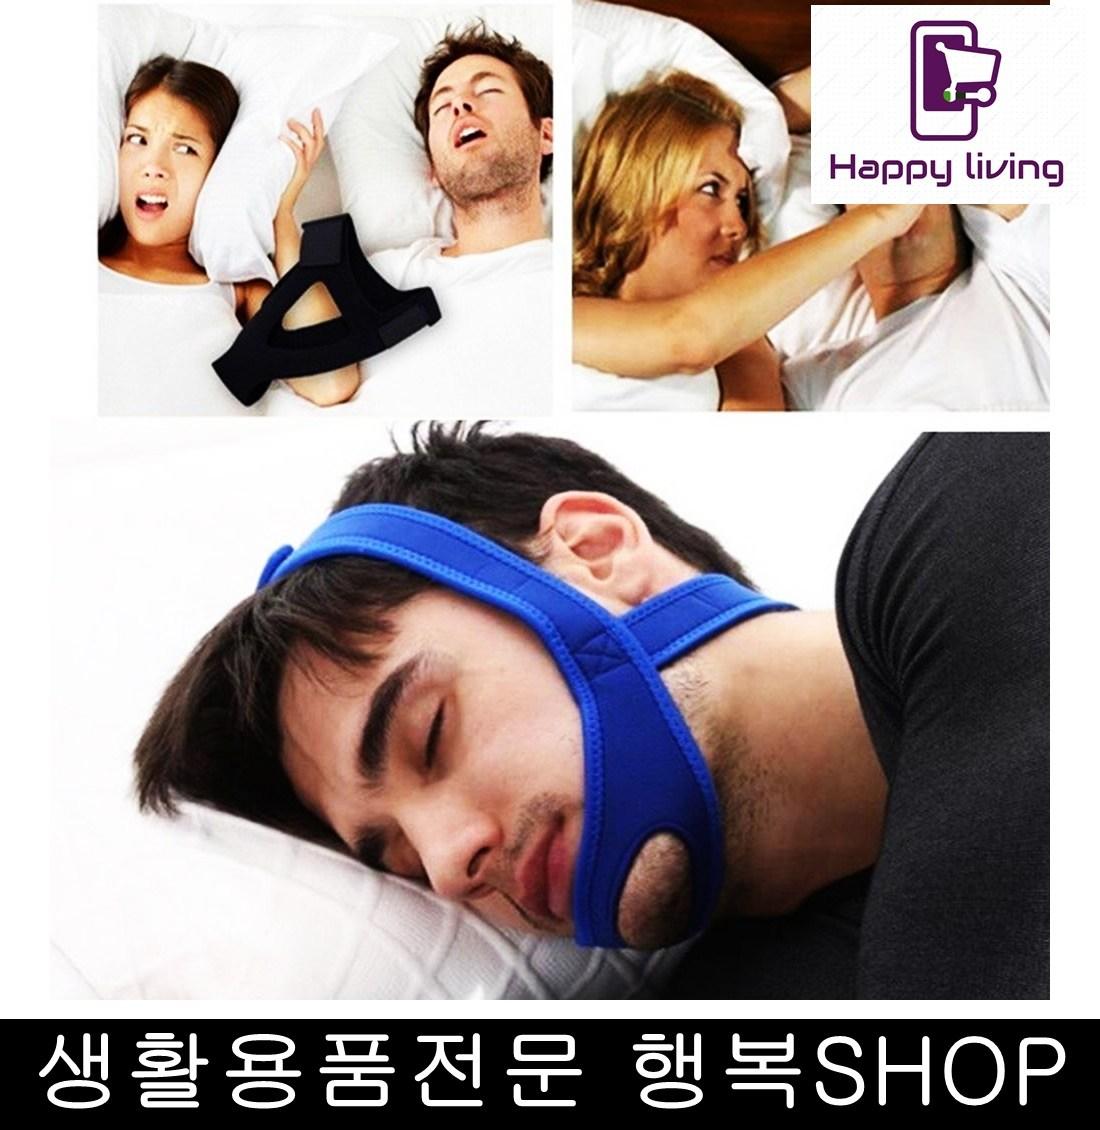 무호흡증 코콜이 수면밴드 과수면증 코고는이유 수면무호흡증치료 코골이방지기구, 1개